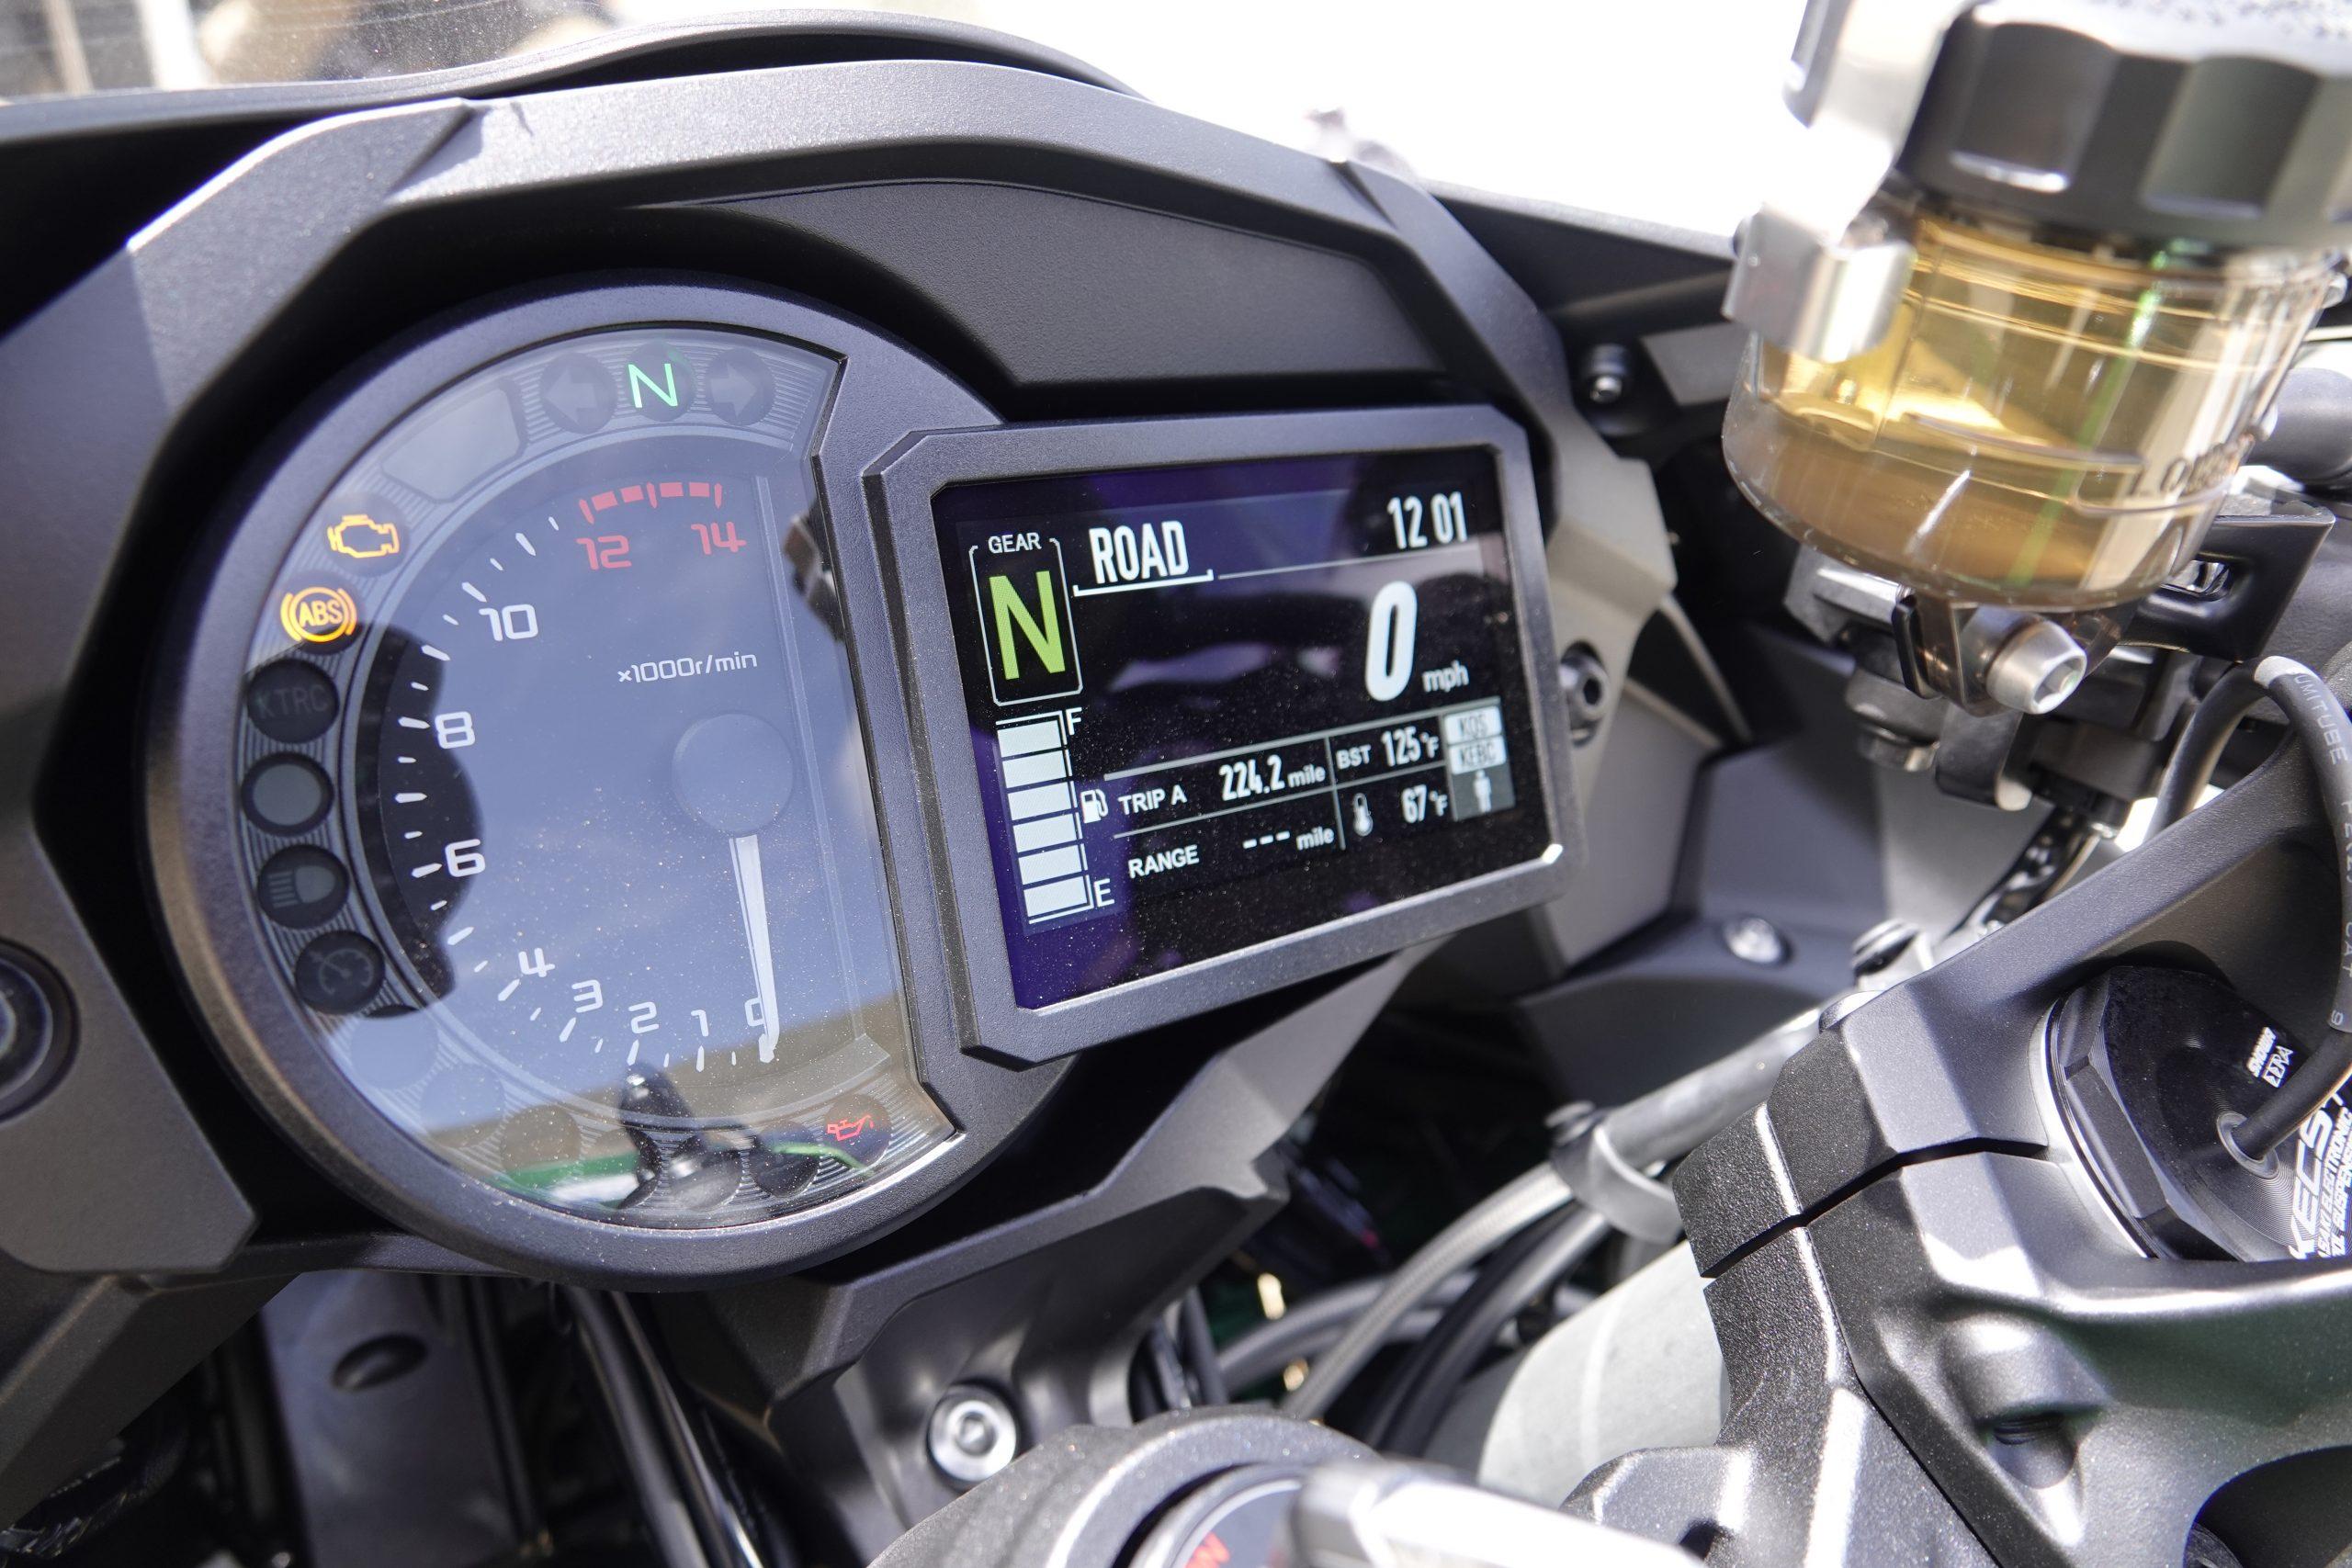 2021 Kawasaki H2 SX-SE gauges